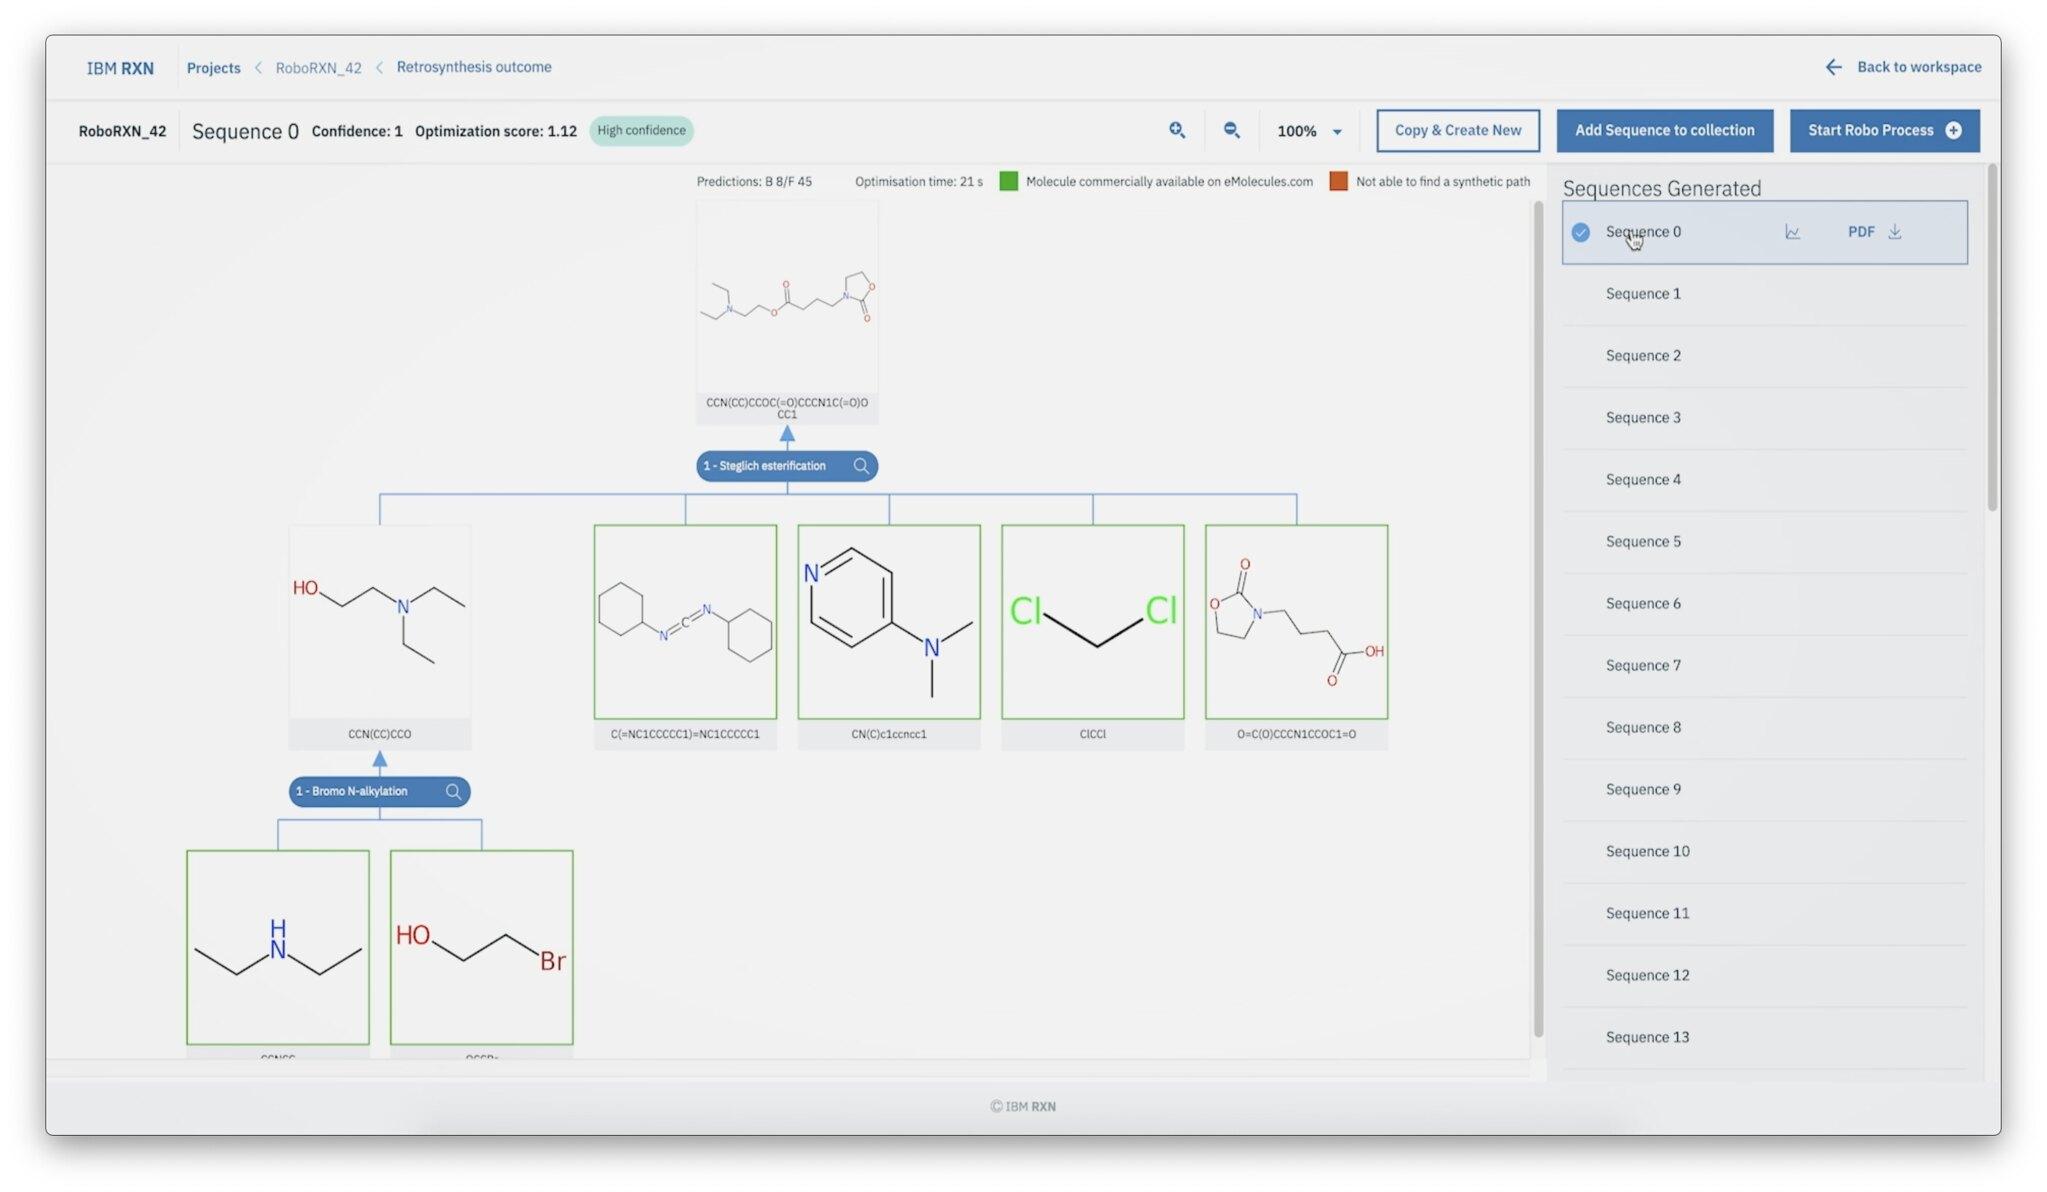 Una captura de pantalla de IBM